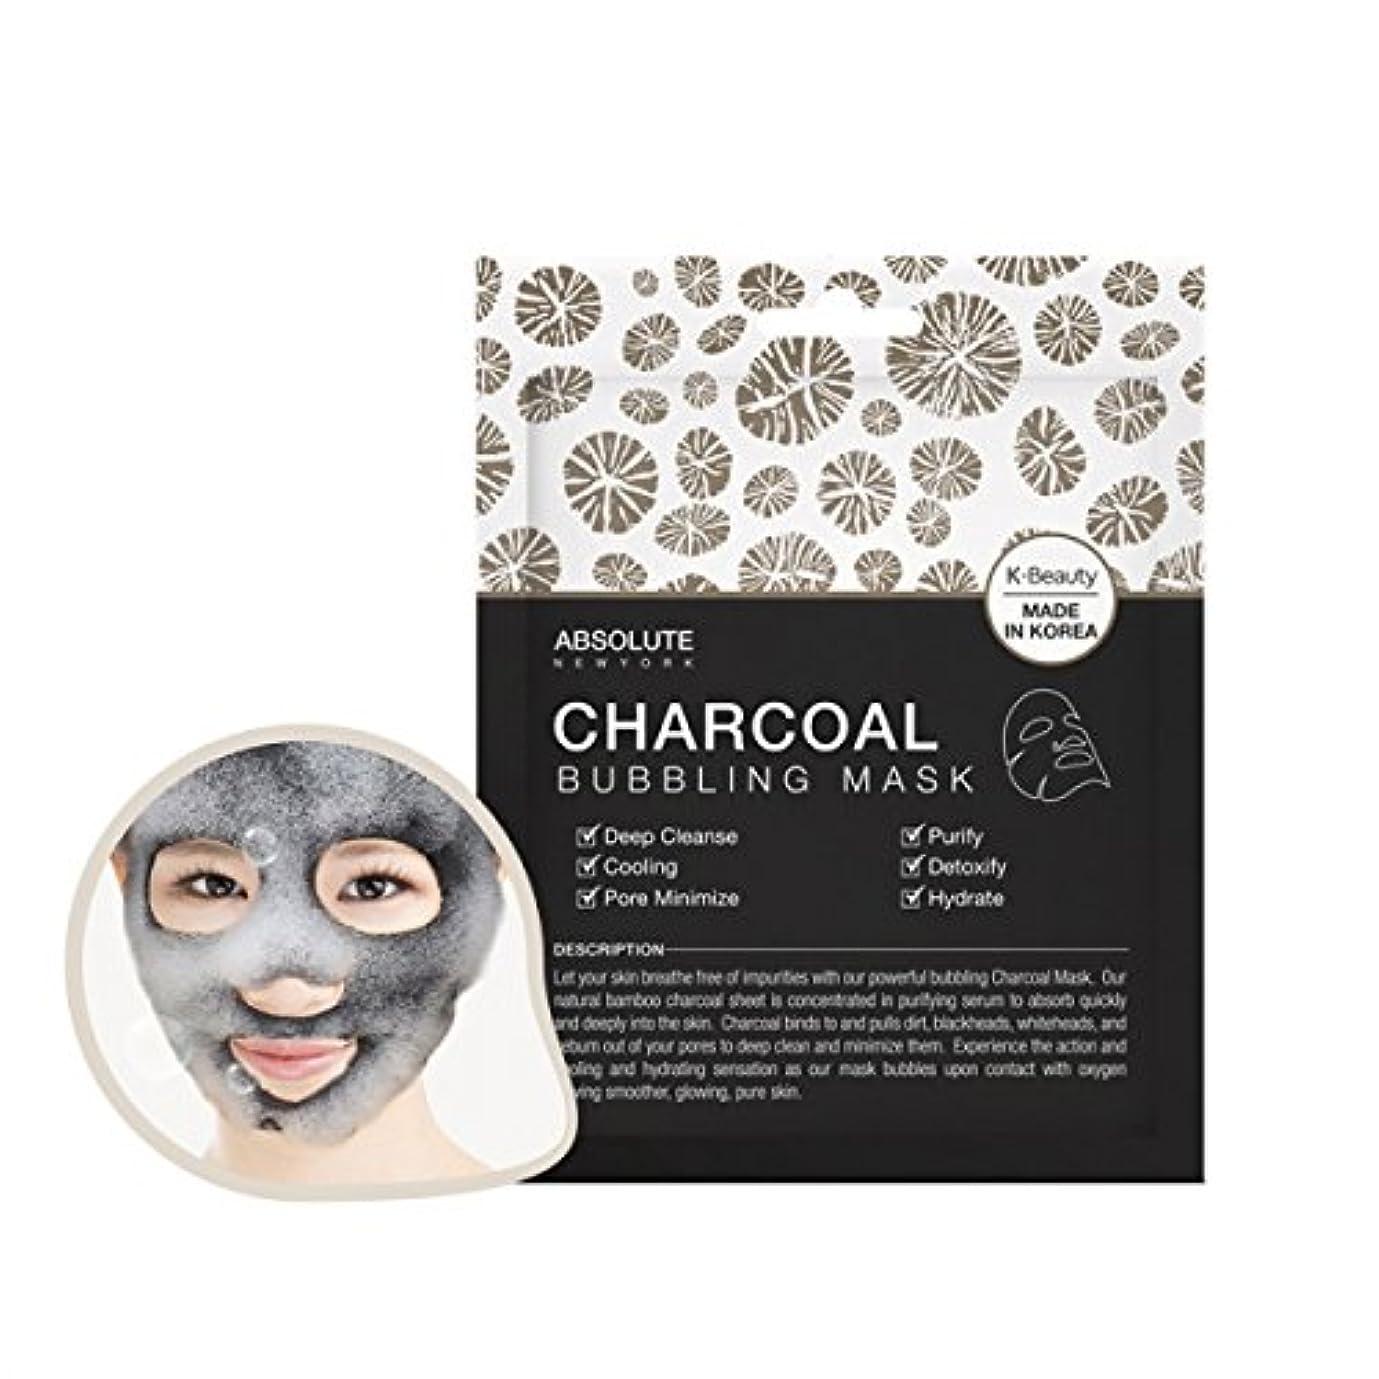 パステル侵入スーパー(6 Pack) ABSOLUTE Charcoal Bubbling Mask (並行輸入品)